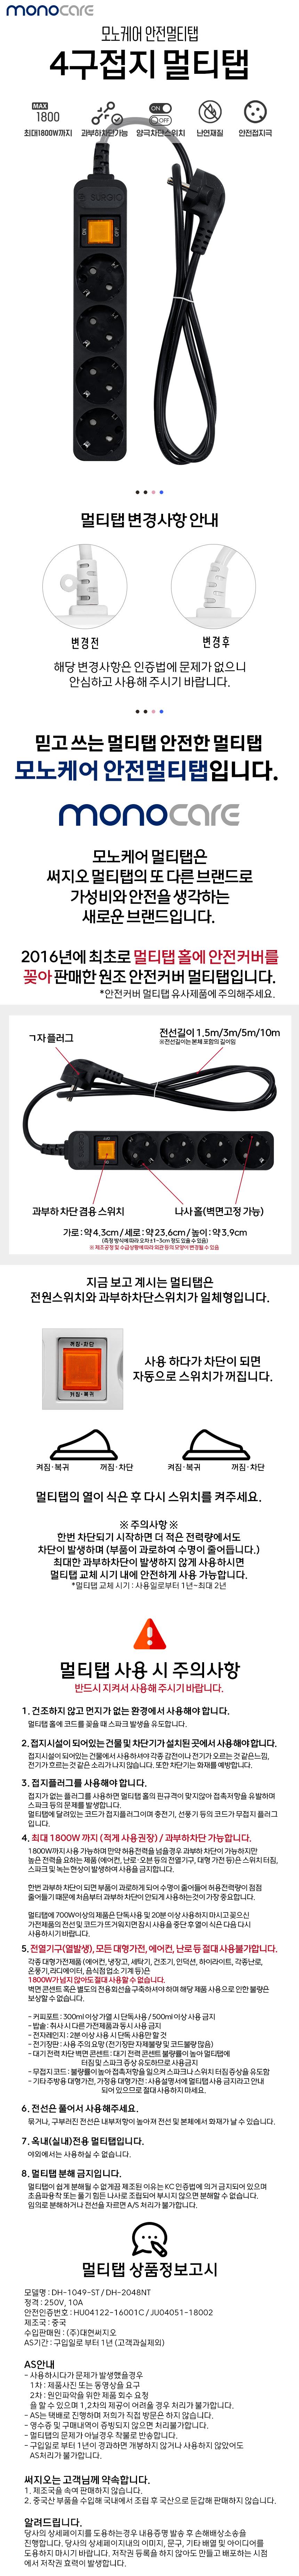 대현써지오 대현써지오 모노케어 4구 10A 메인 스위치 멀티탭 블랙 (3m)